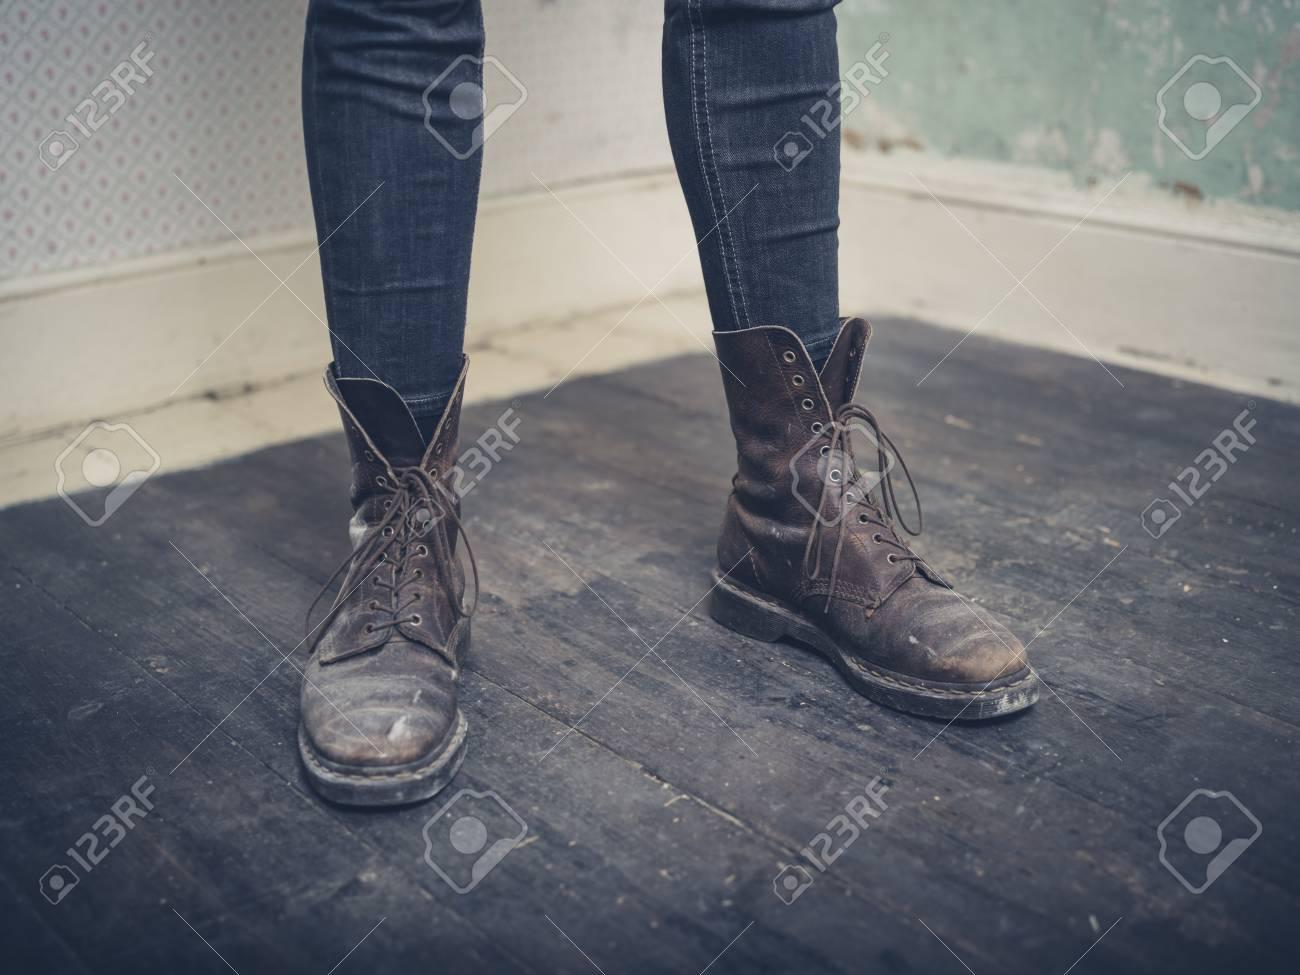 Un giovane persona che indossa stivali di pelle è in piedi in una stanza vuota